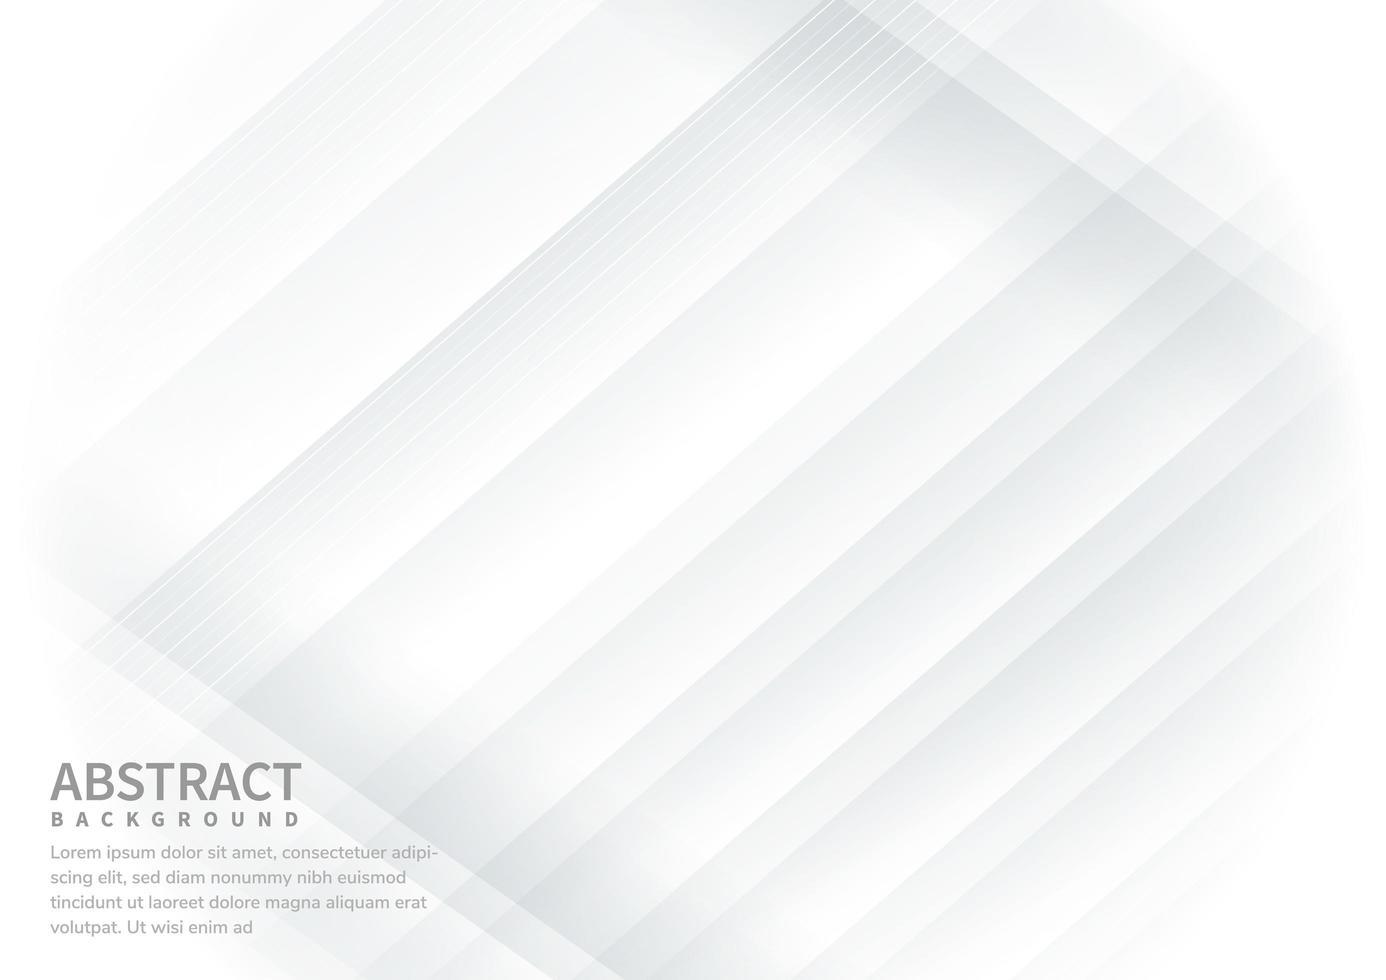 linee diagonali astratte sfondo bianco vettore